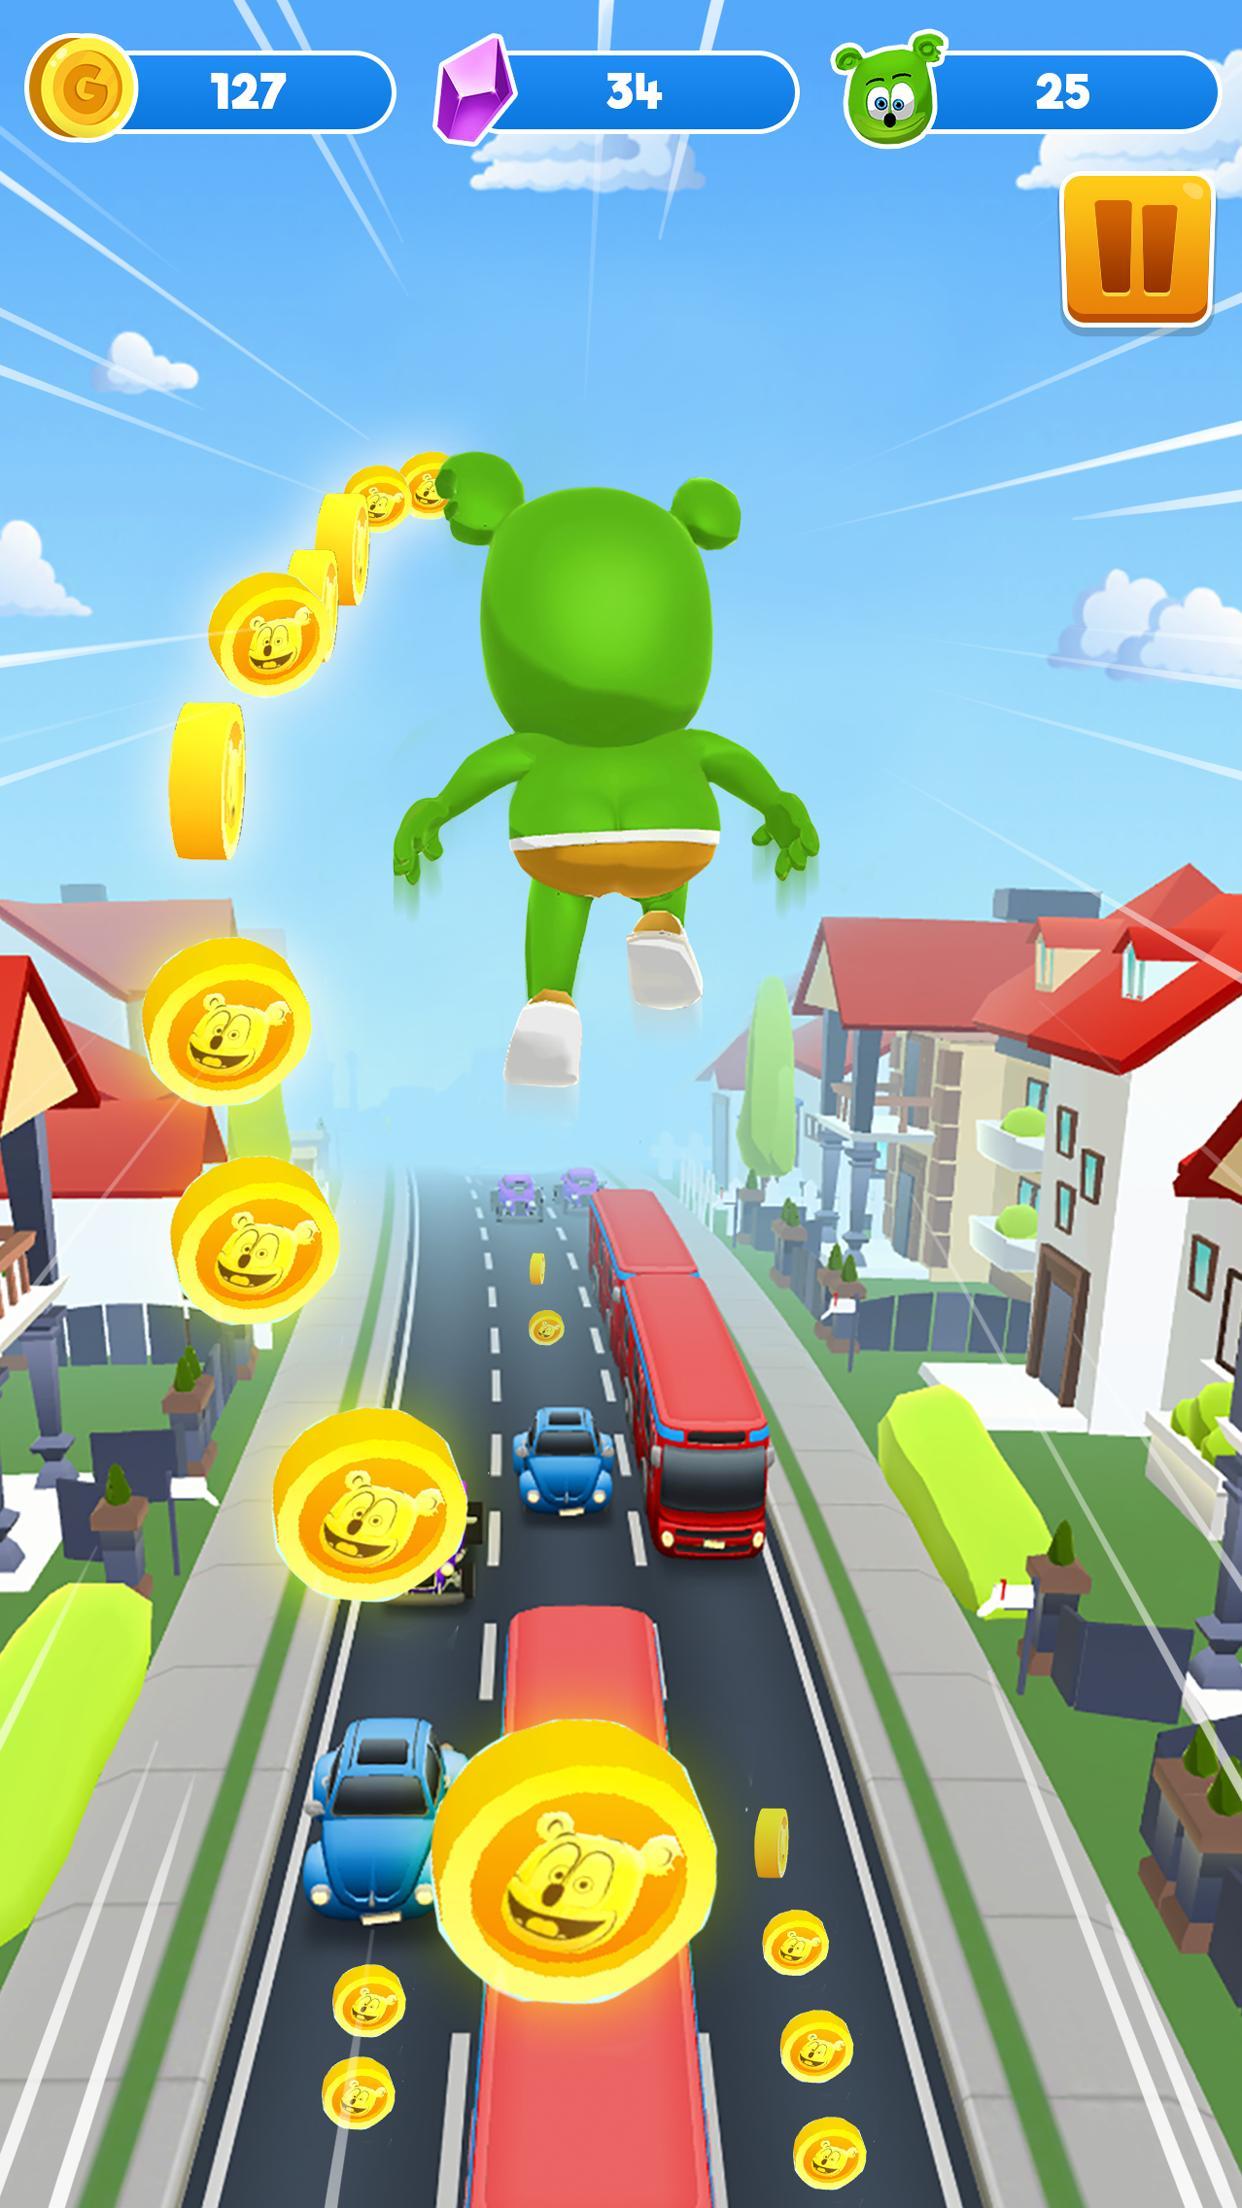 Gummy Bear Running - Endless Runner 2020 1.2.10 Screenshot 11